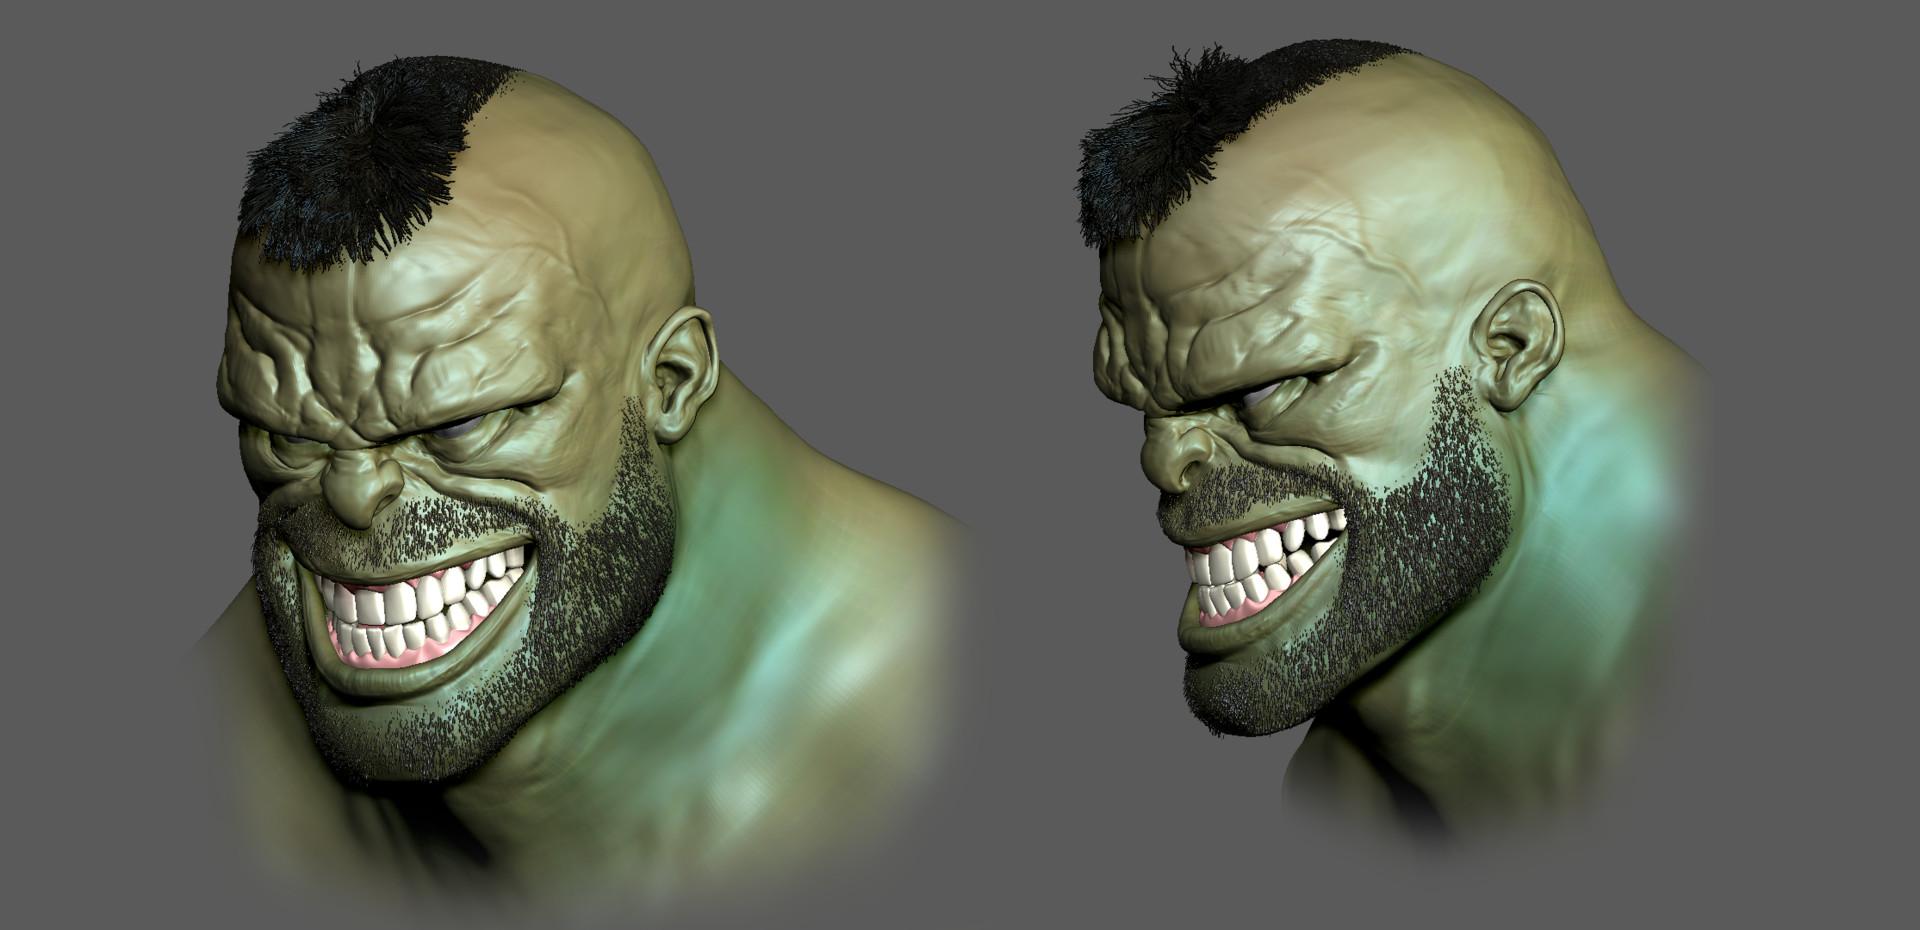 Pierre benjamin hulk test render02fff